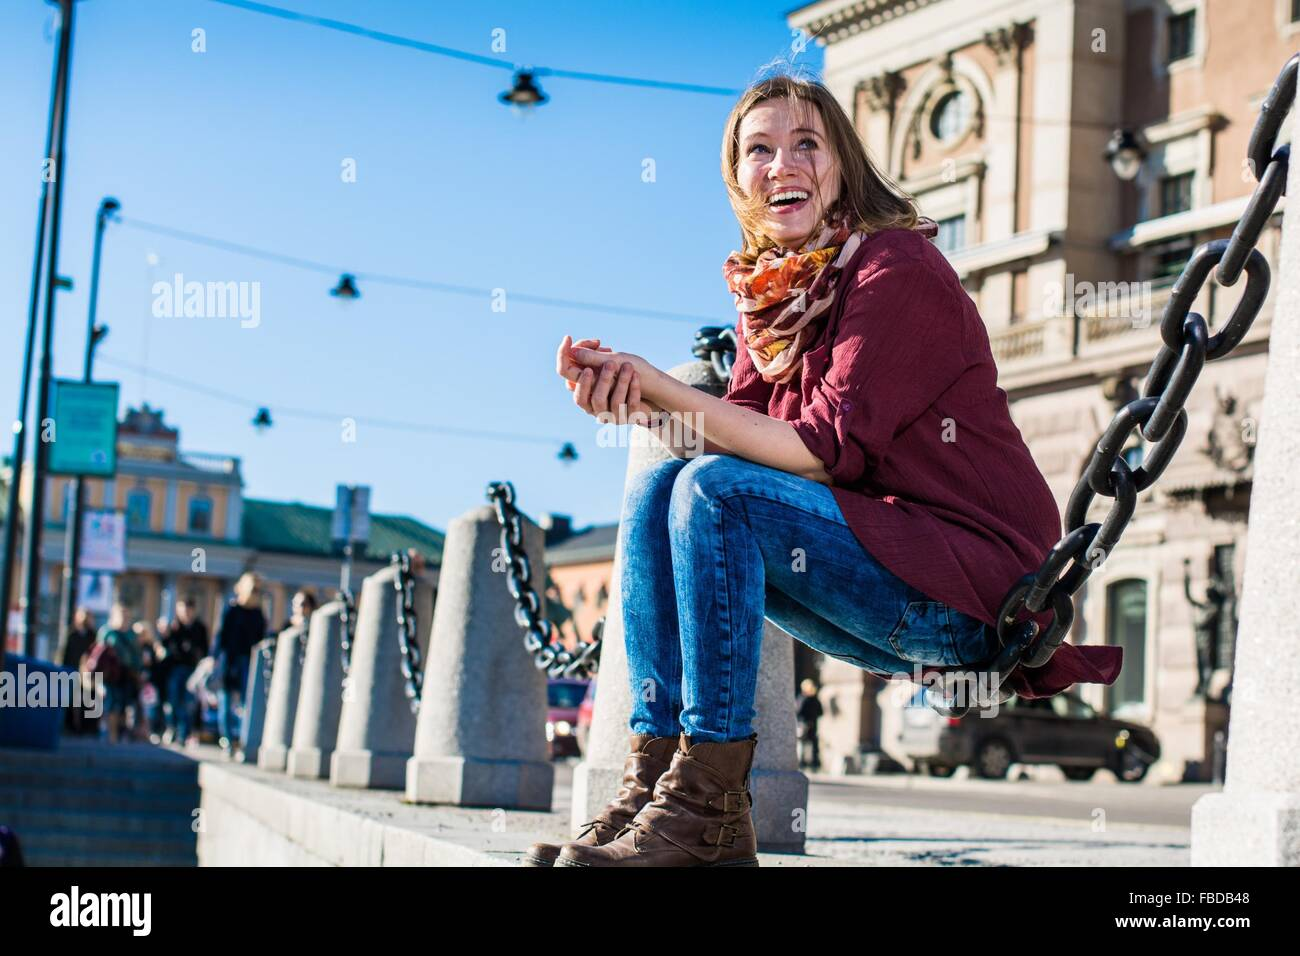 Mujer joven sentada en la cadena en la acera Imagen De Stock